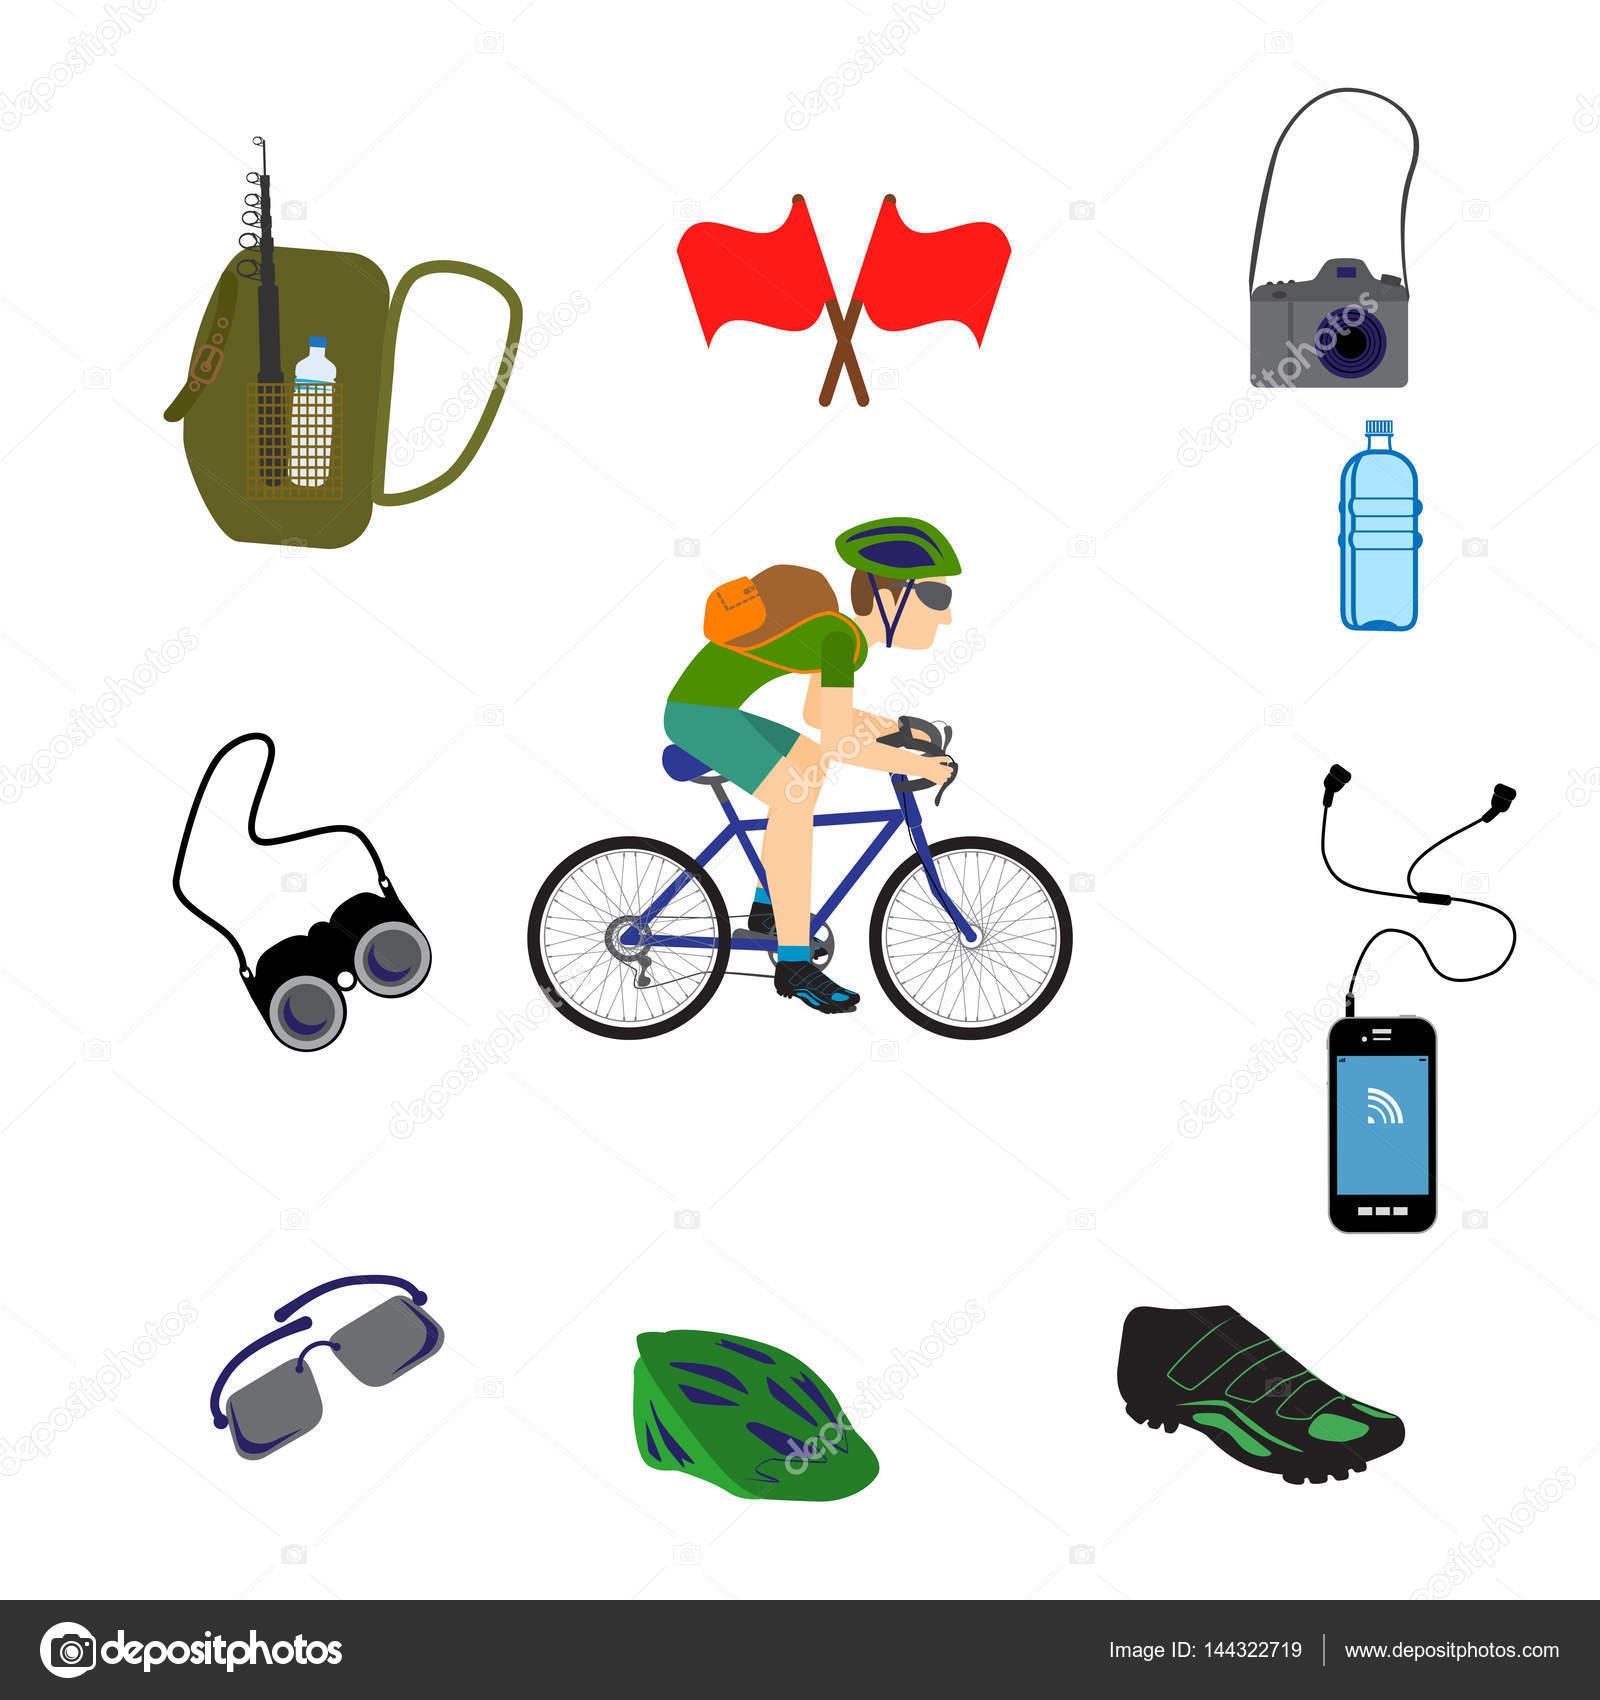 自行车旅游图标设置, 矢量图– 图库插图